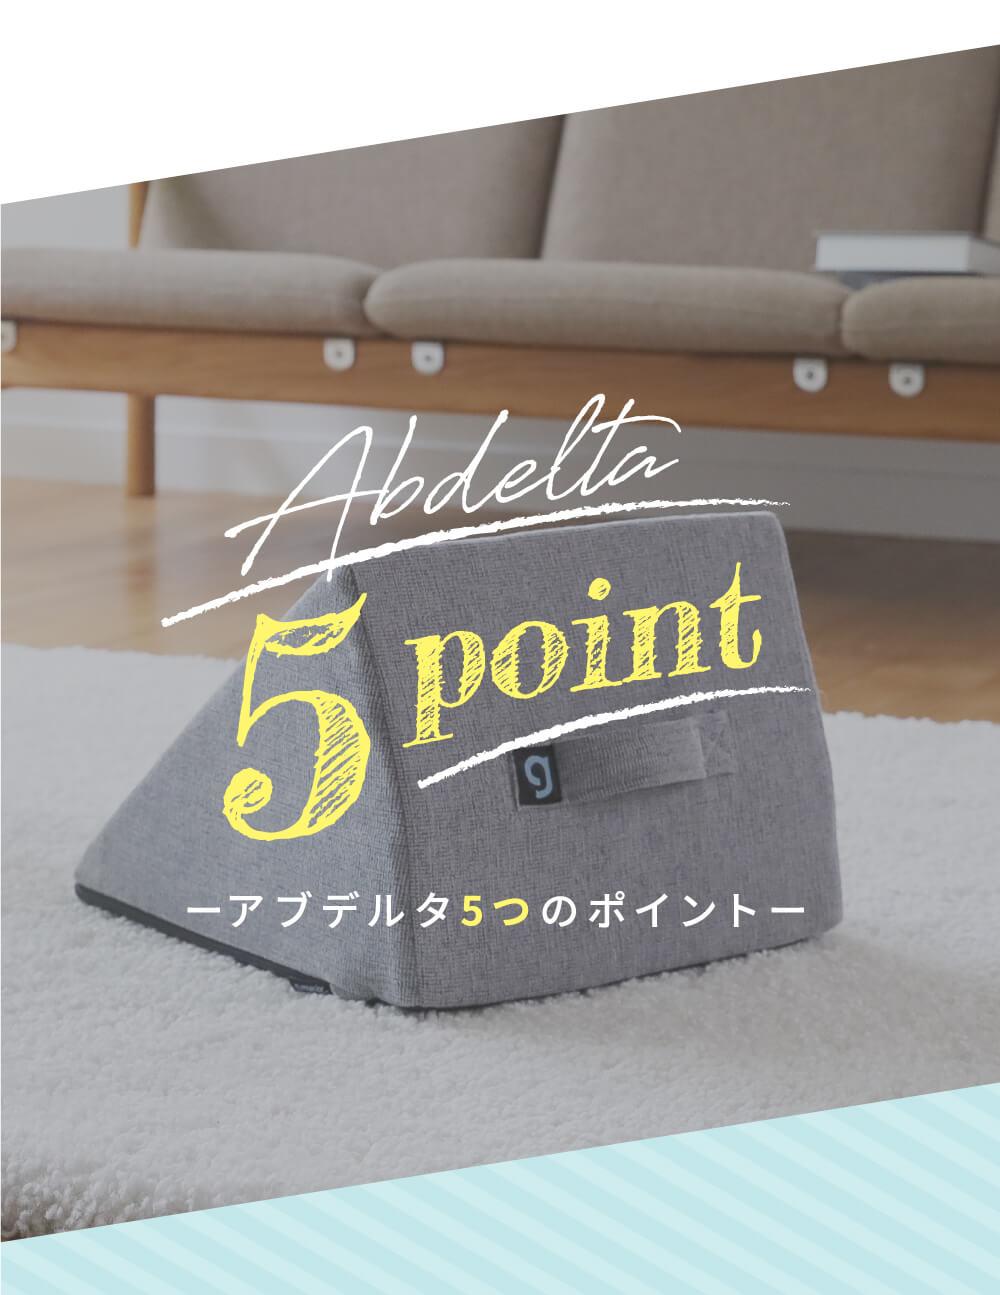 アブデルタ5つのポイント